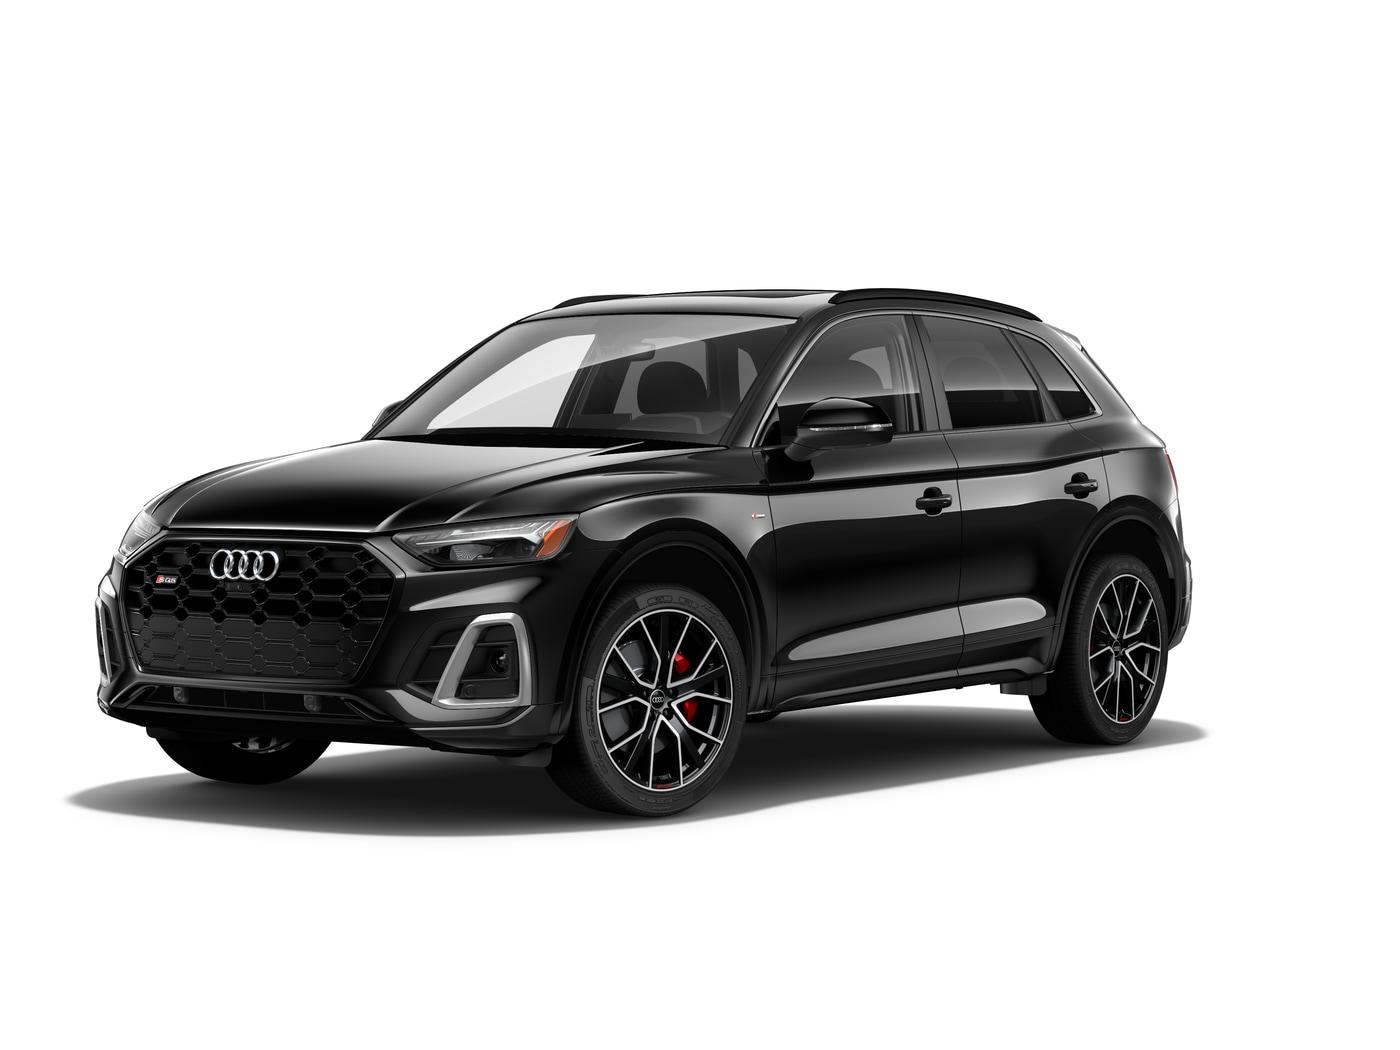 2021 Audi SQ5 SUV